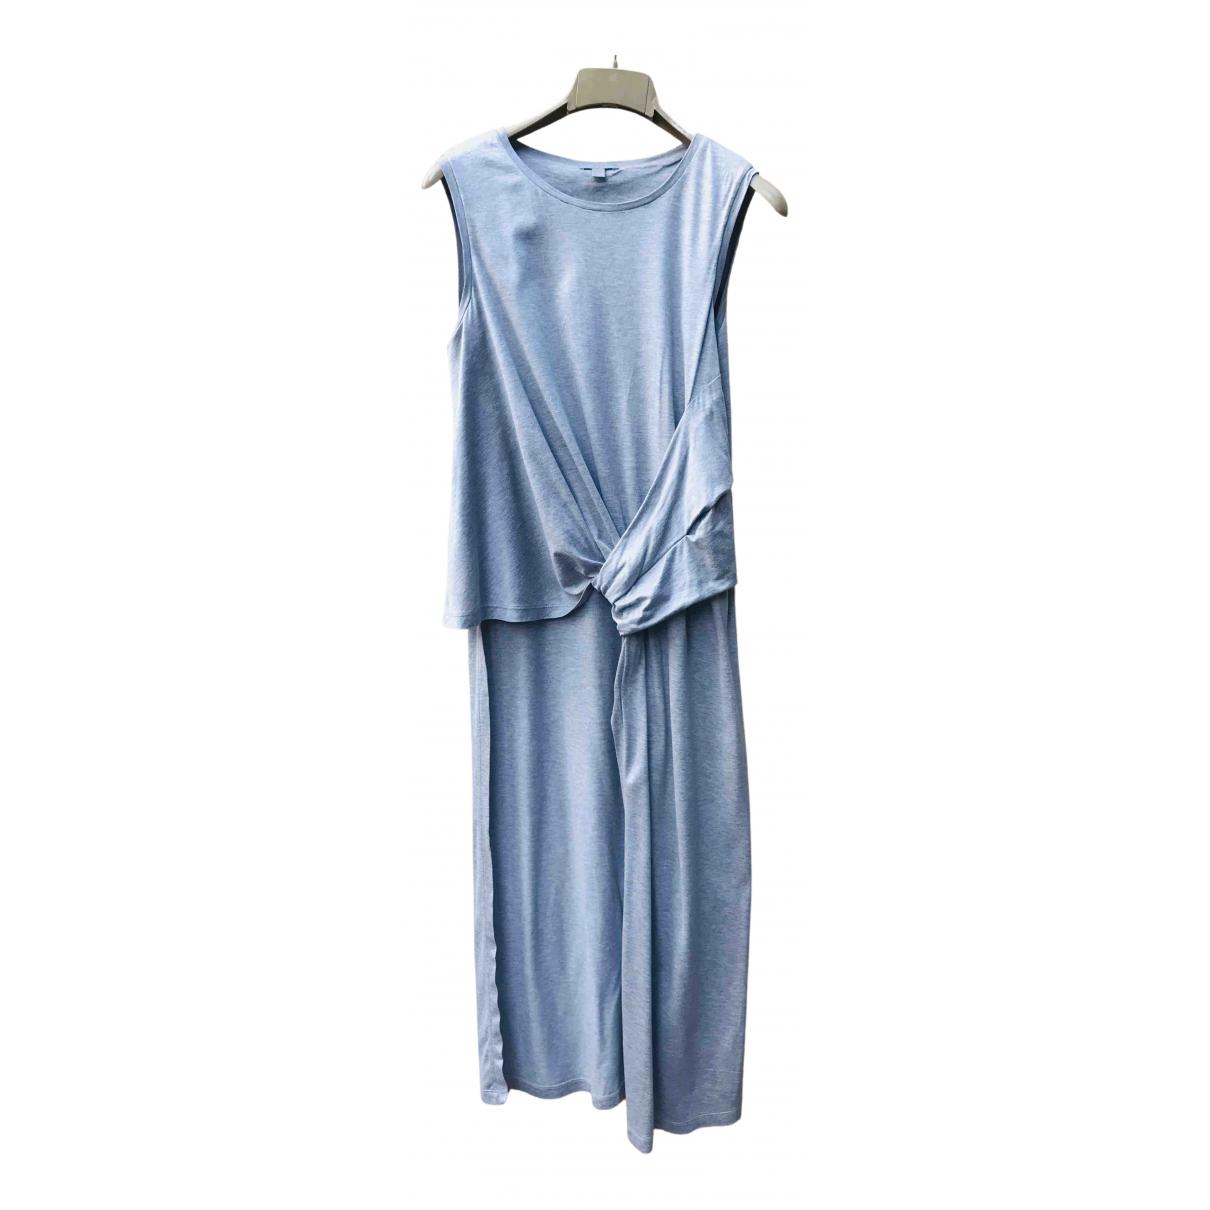 Cos - Top   pour femme en coton - gris